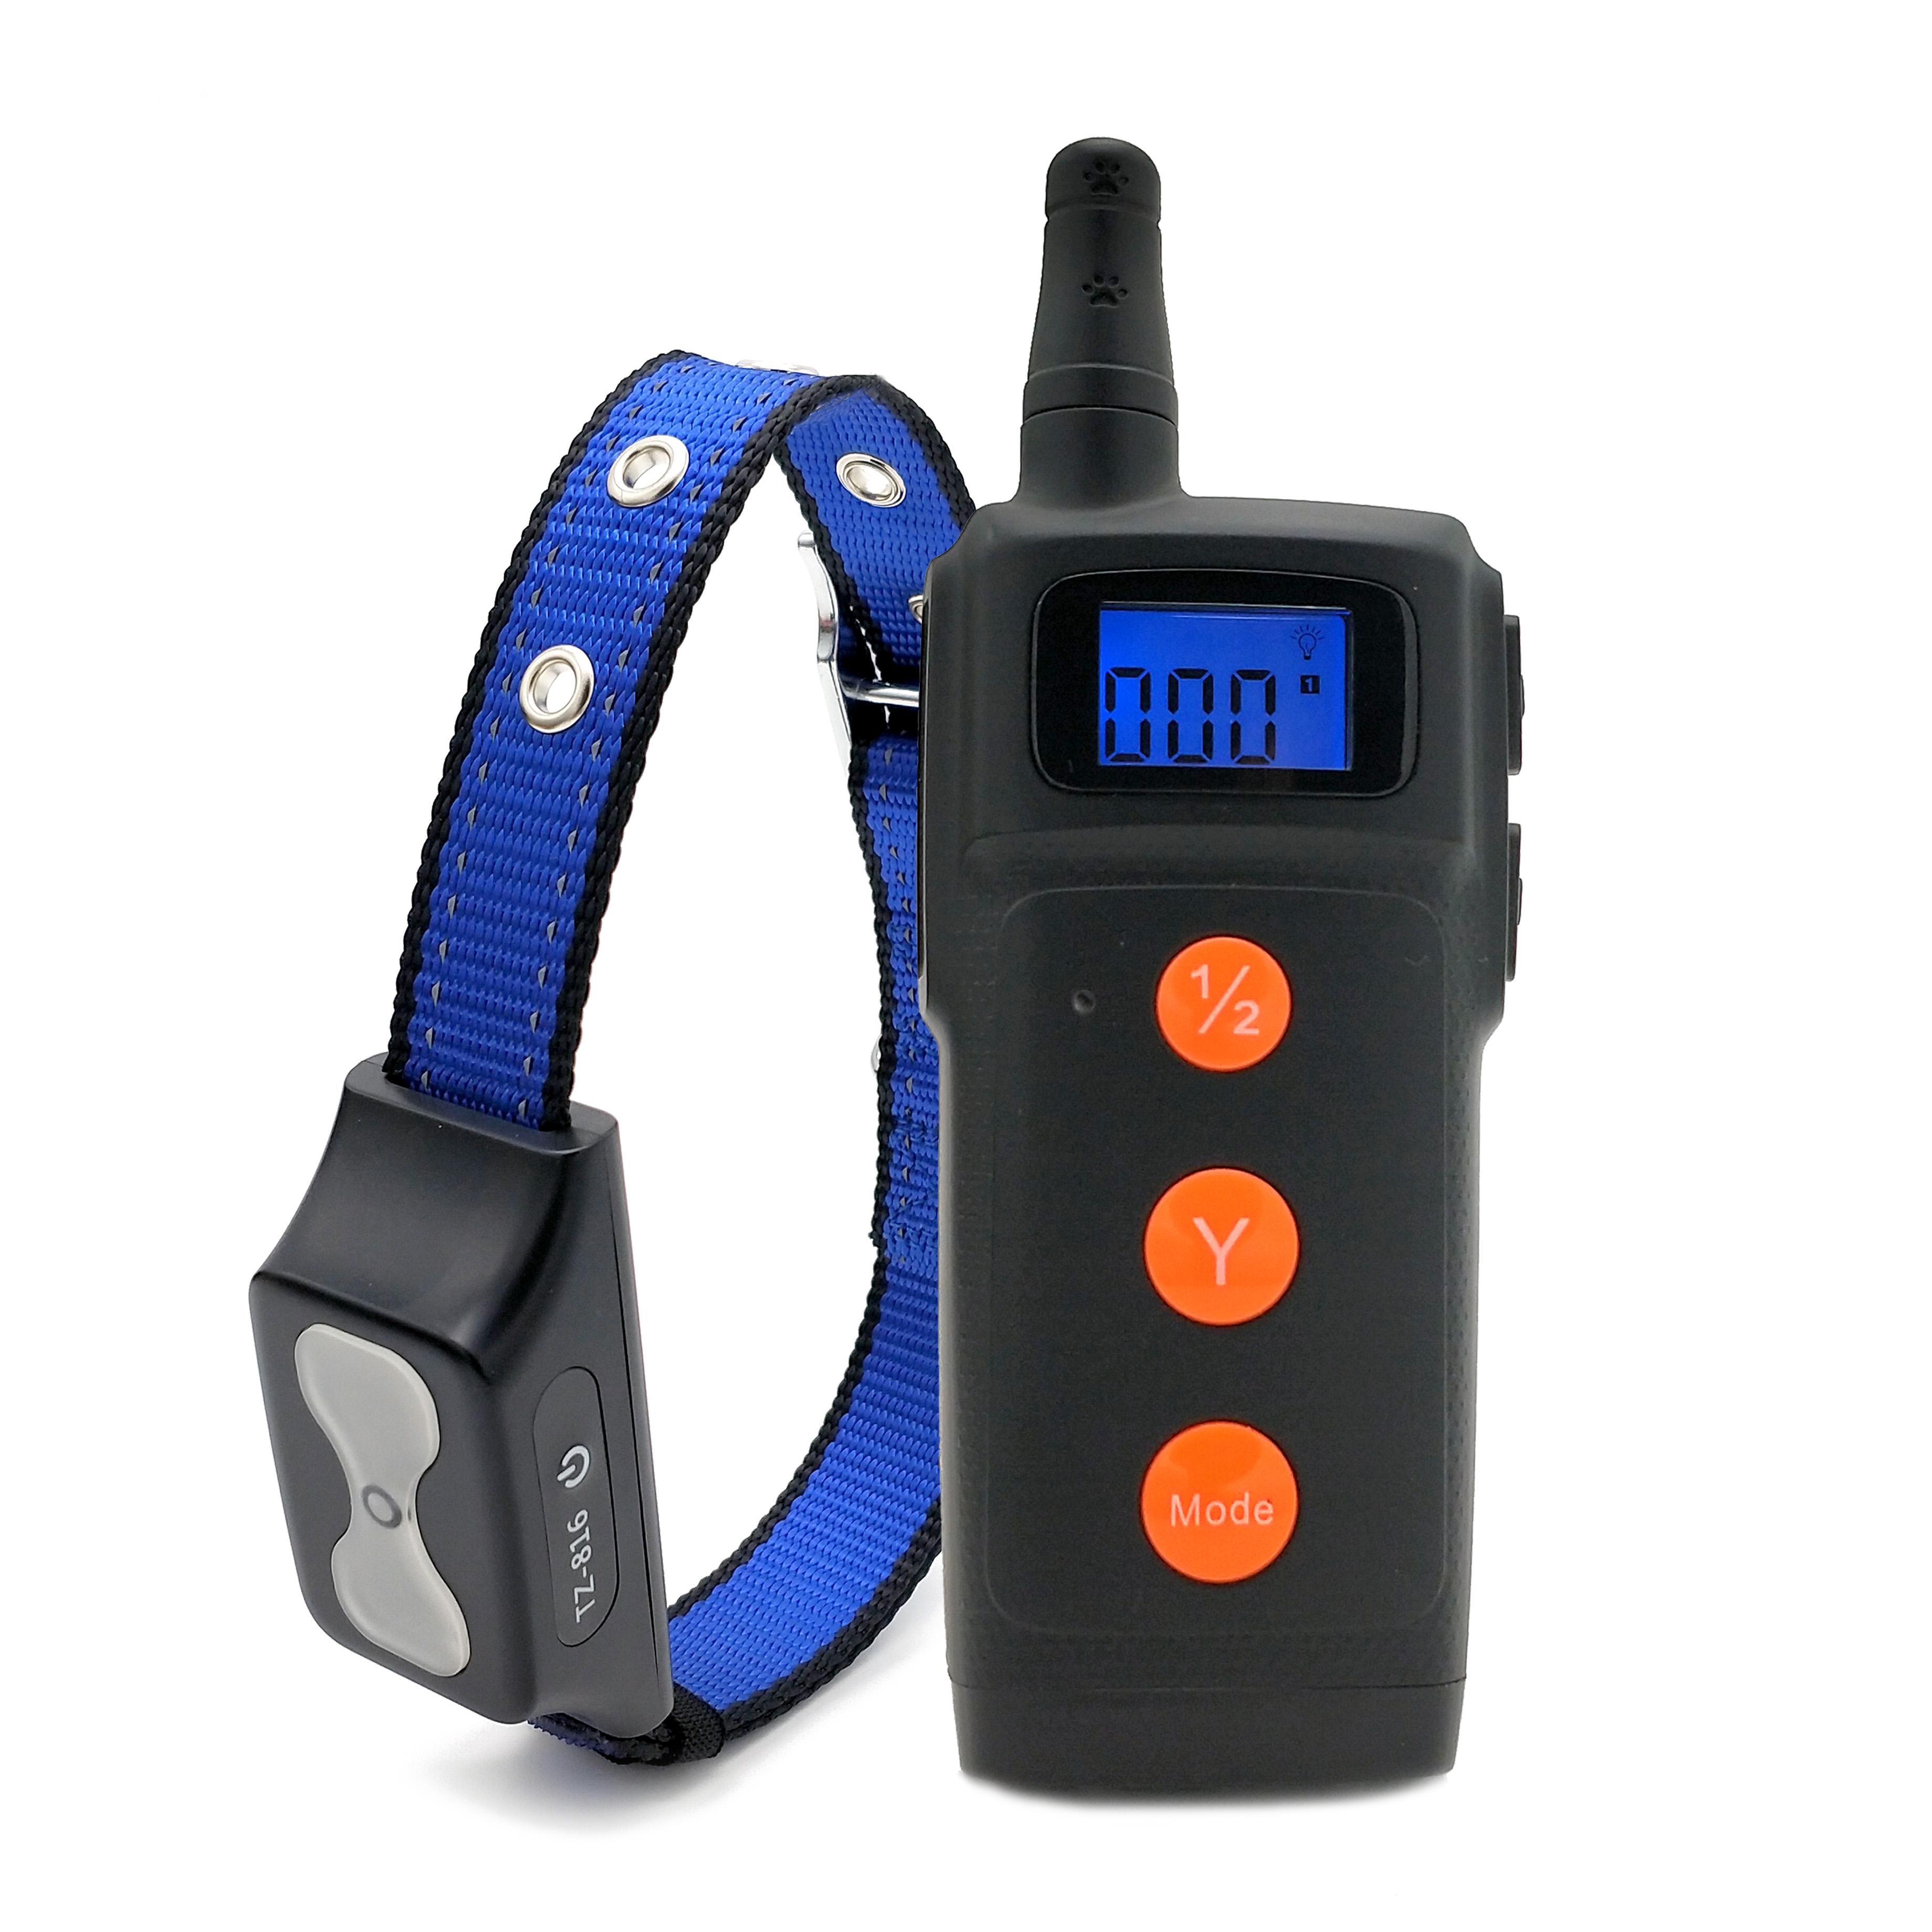 ProfessionalSupplier Fernbedienung Hund Ausbildung Kragen Wibration Und Pfeife 500M Anweisungen Beste Remote Hund Ausbildung Kragen